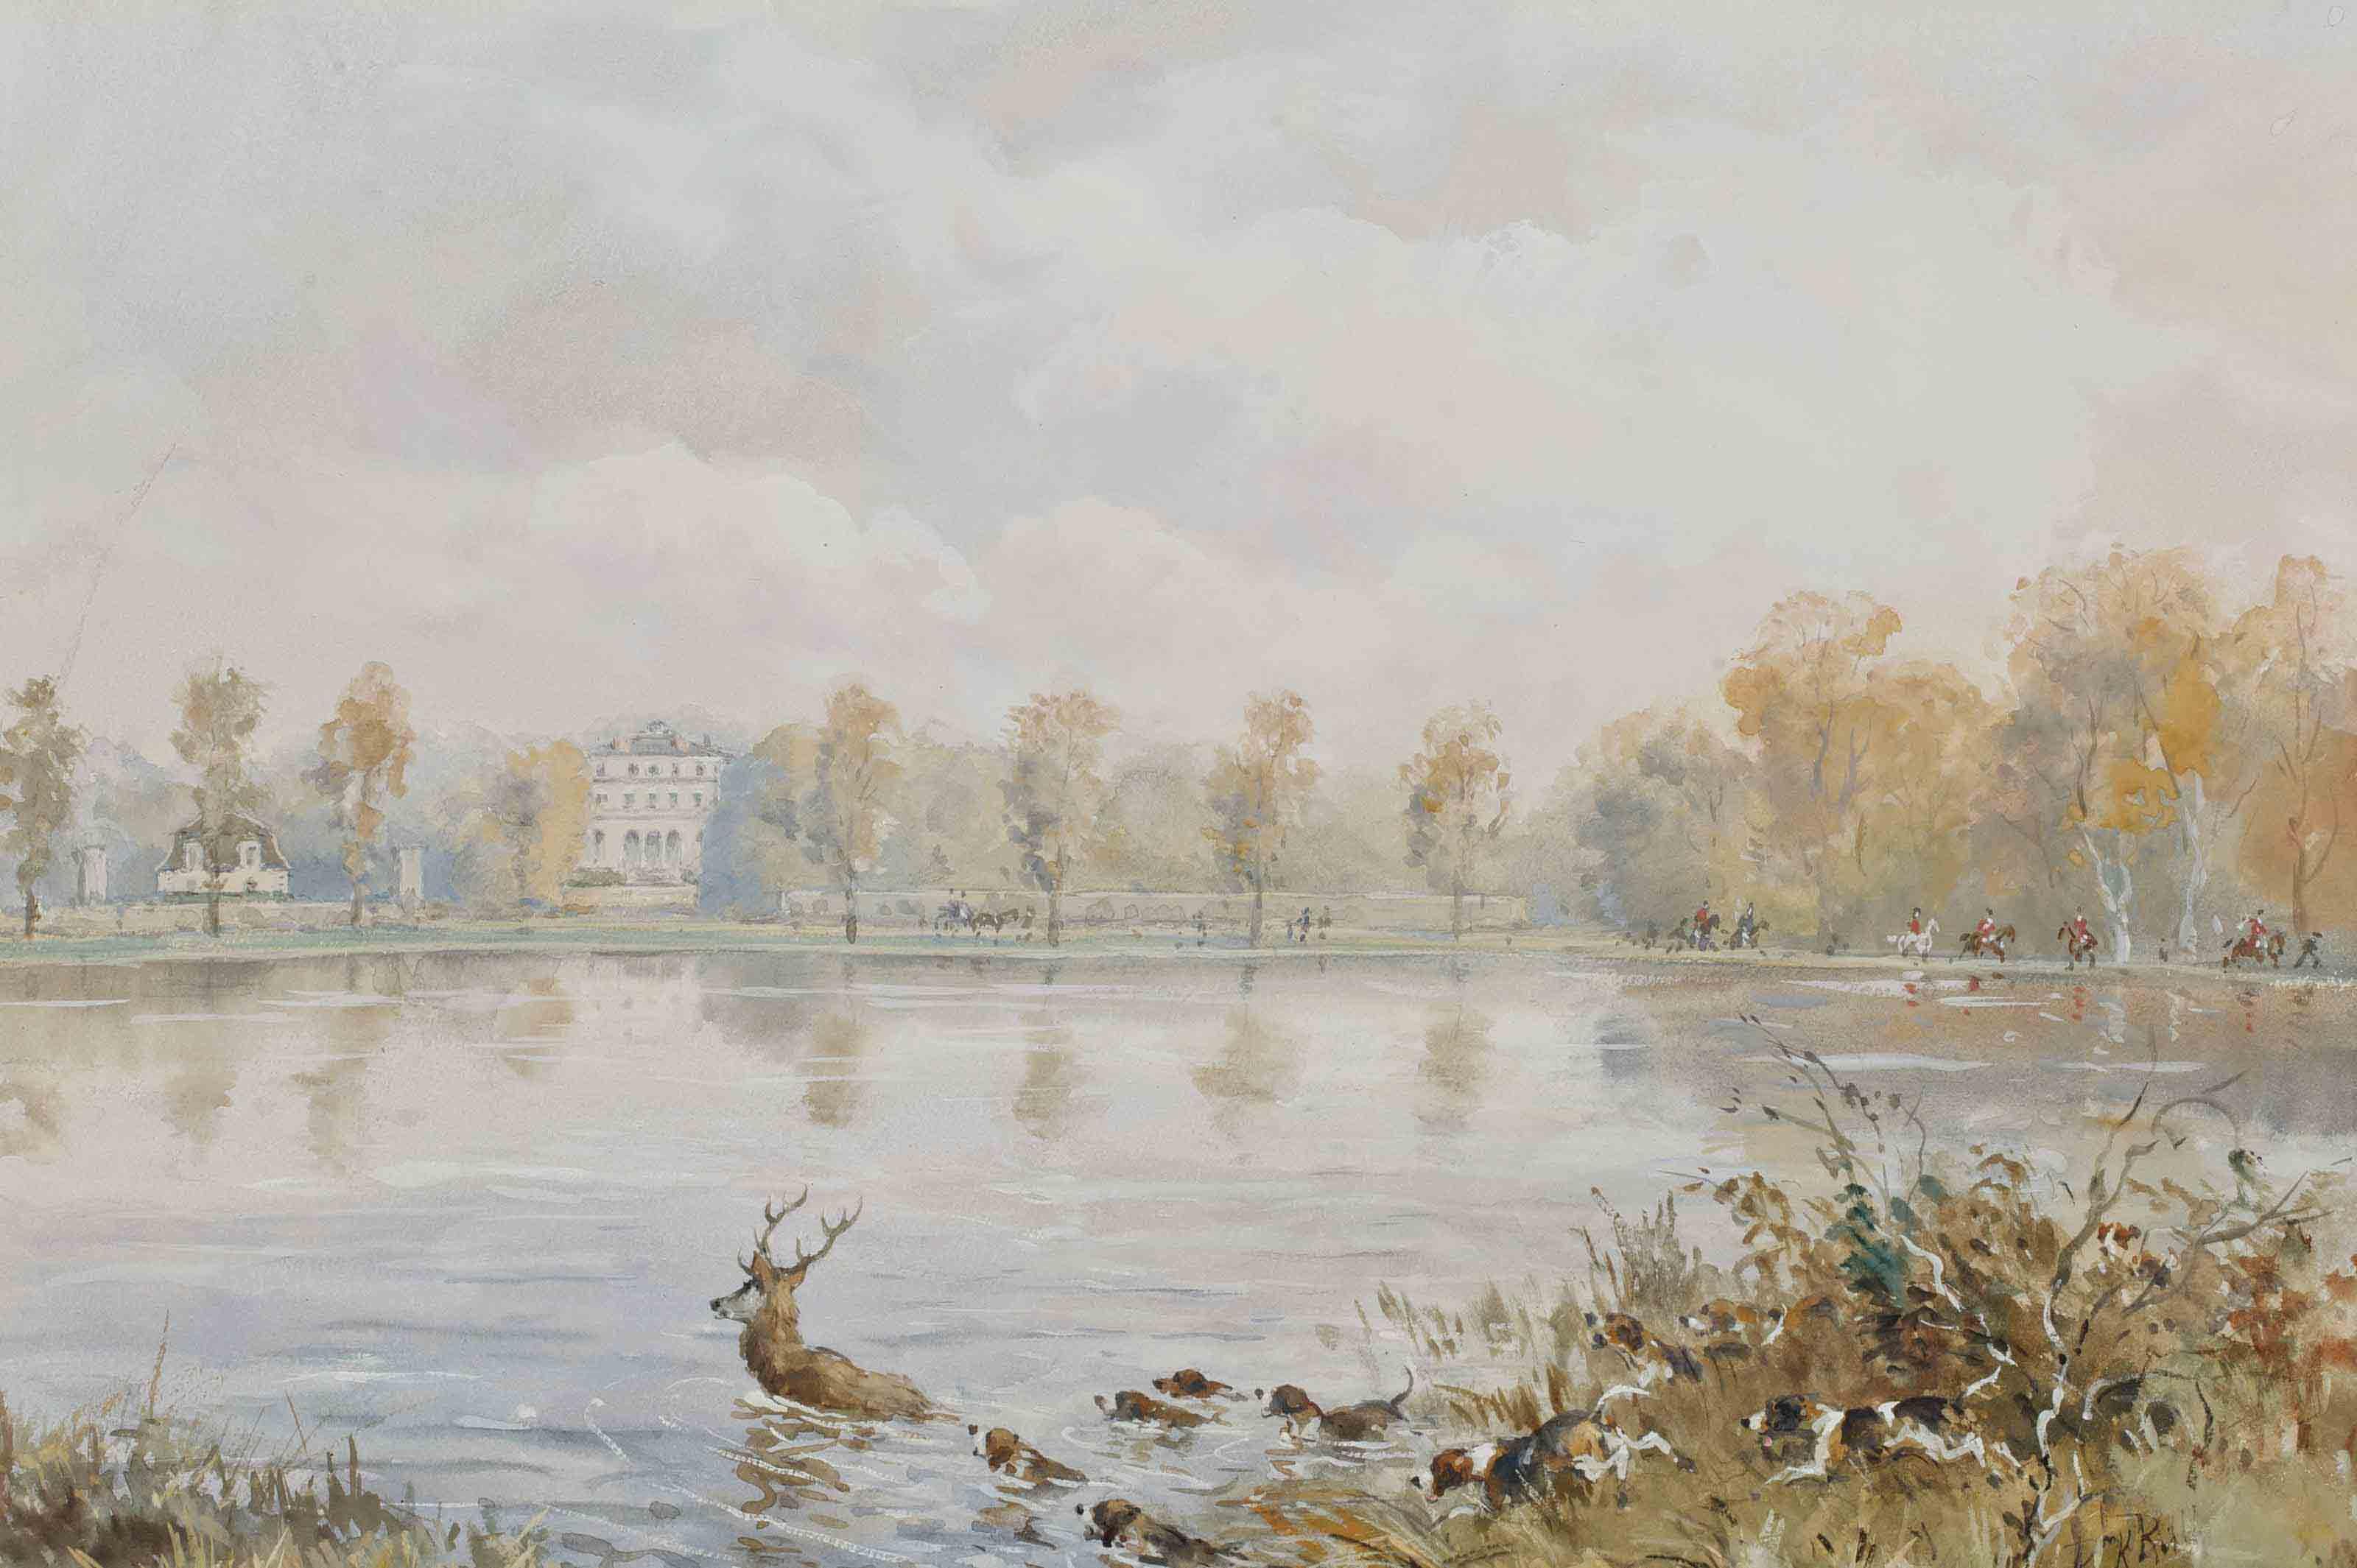 Le palais abbatial de Royaumont, des chiens chassant un cerf au premier plan